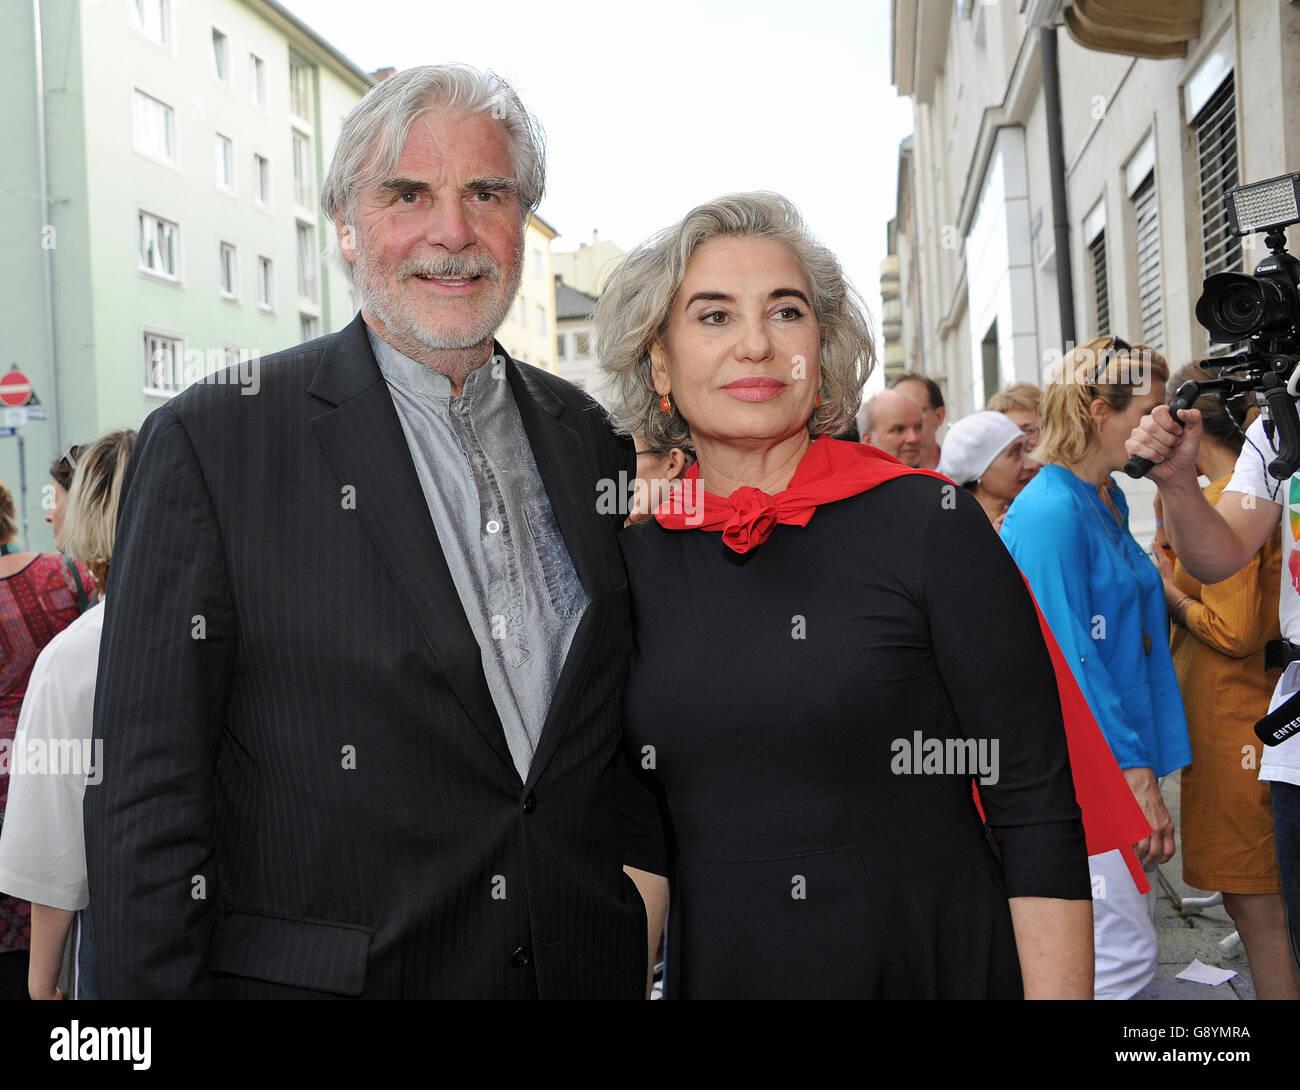 Munich, Allemagne. 28 Juin, 2016. L'acteur Peter Simonischek et sa femme Brigitte Karner arrivent pour la première du film 'Die Welt der Wunderlichs» au cours du festival International du Film de Munich à Munich, Allemagne, 28 juin 2016. Photo: Ursula Düren /afp/Alamy Live News Banque D'Images